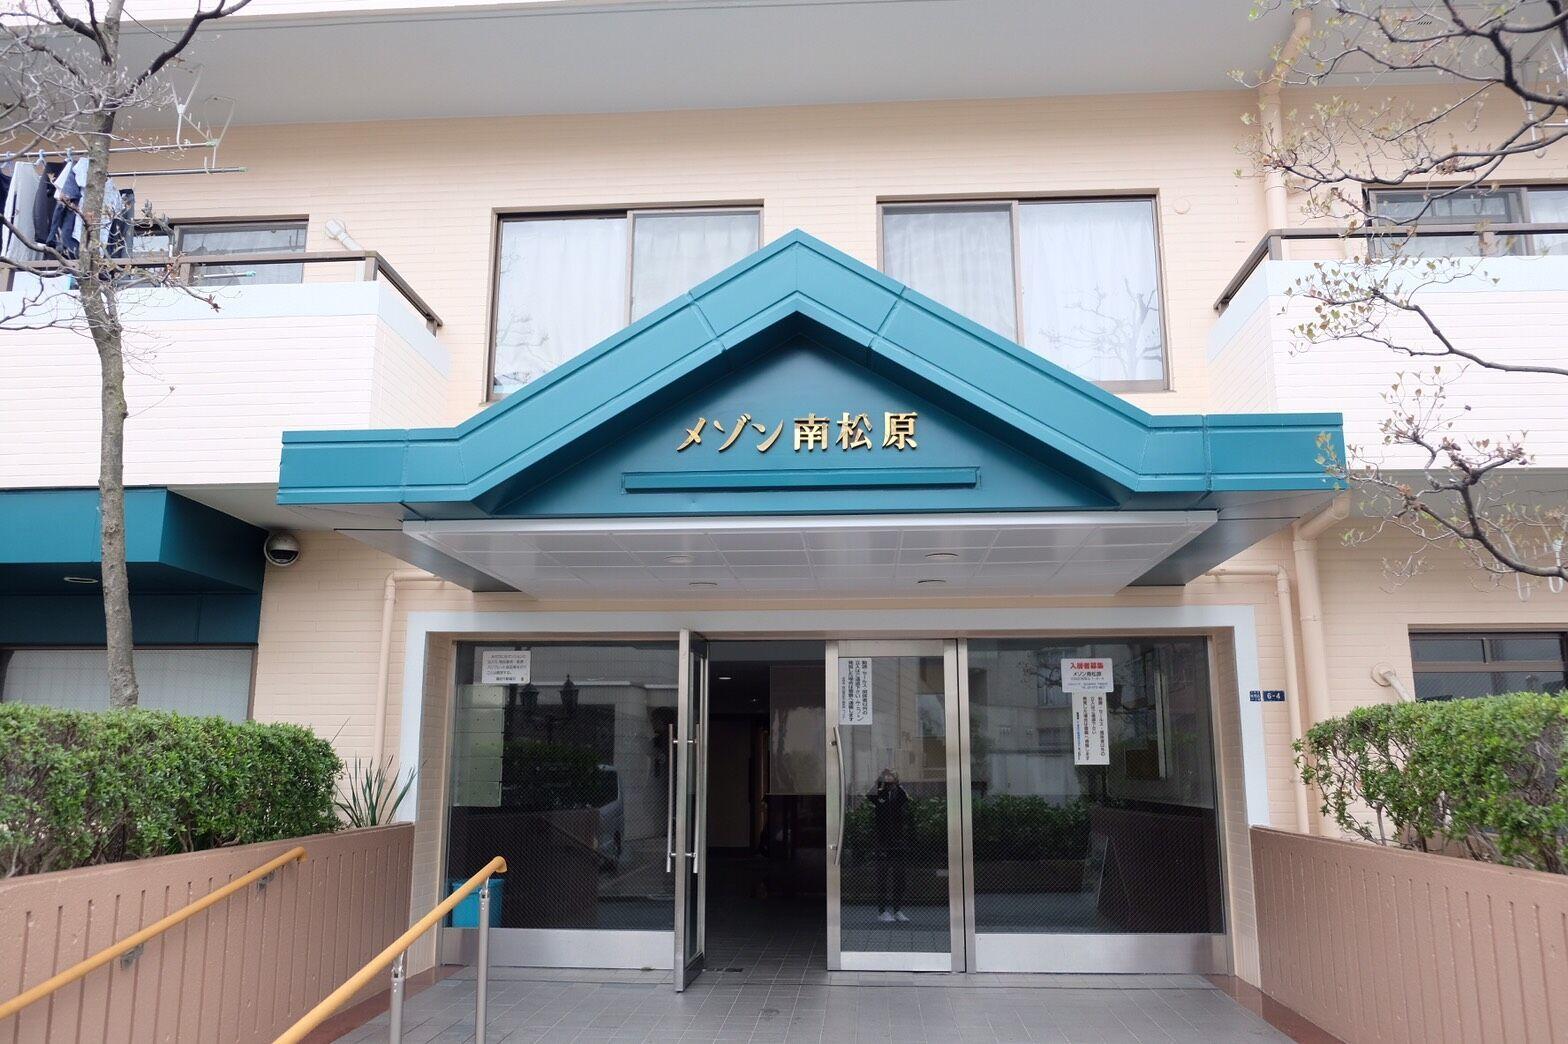 สถาบันสอนภาษาญี่ปุ่น Tokyo Galaxy